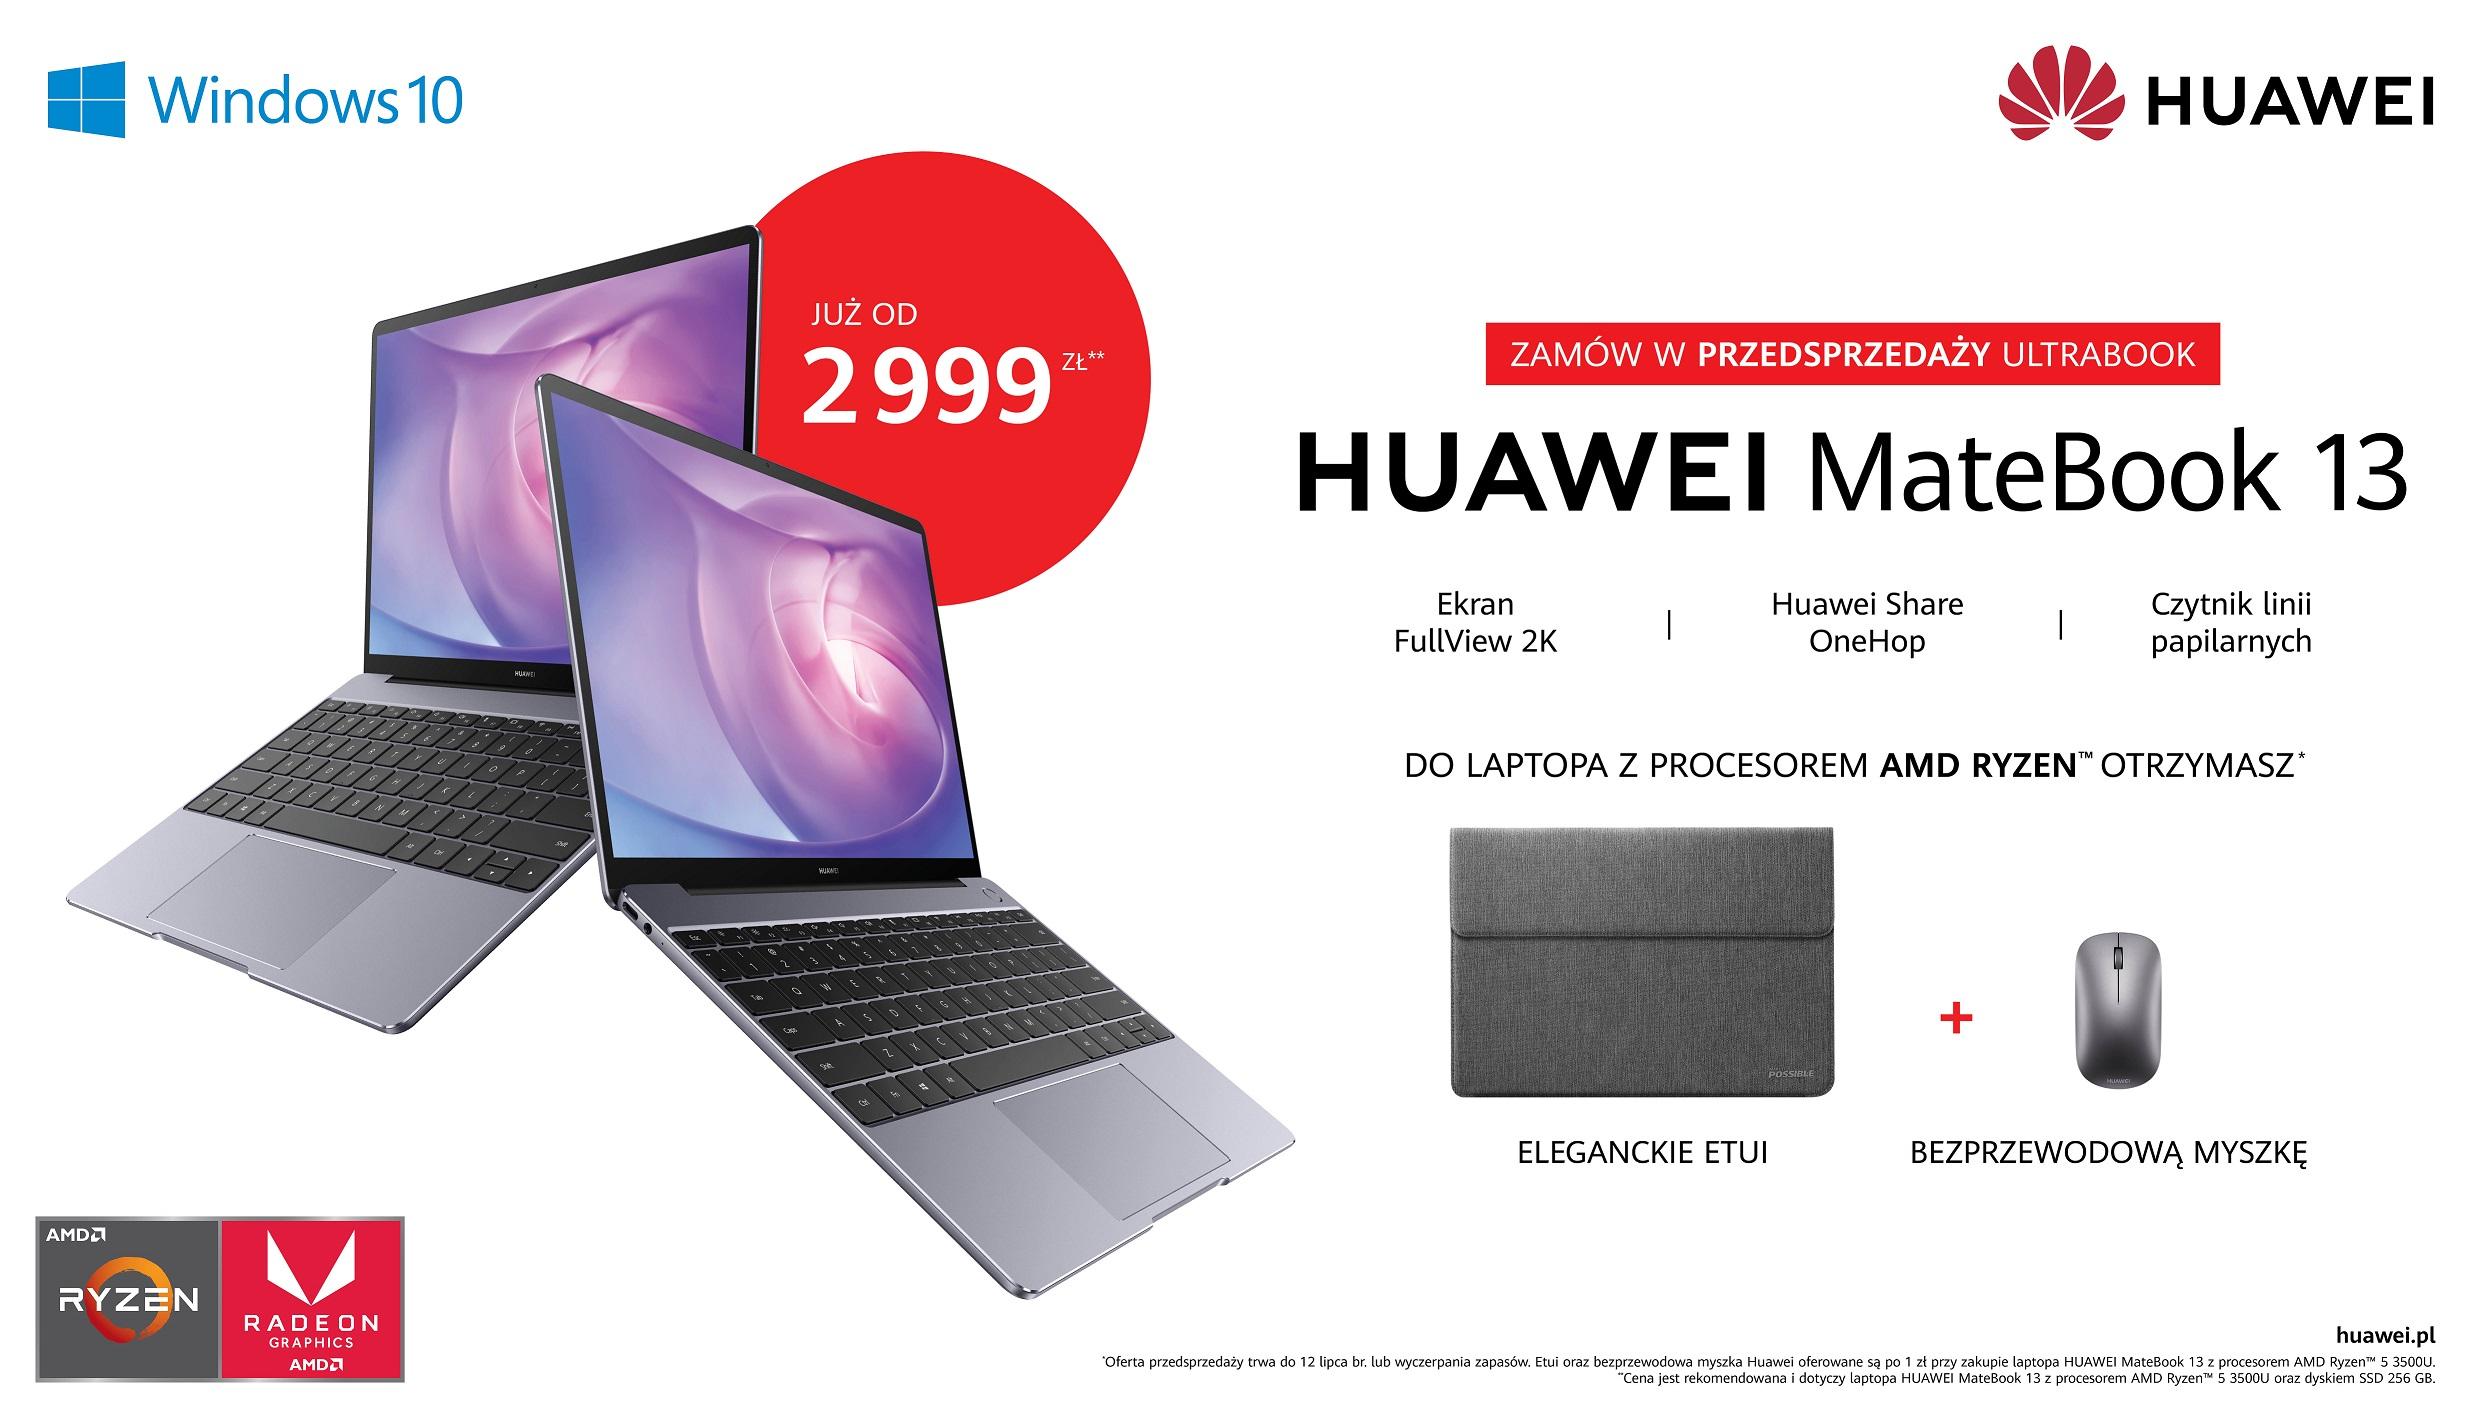 Przedsprzedaż Huawei MateBook 13 2020